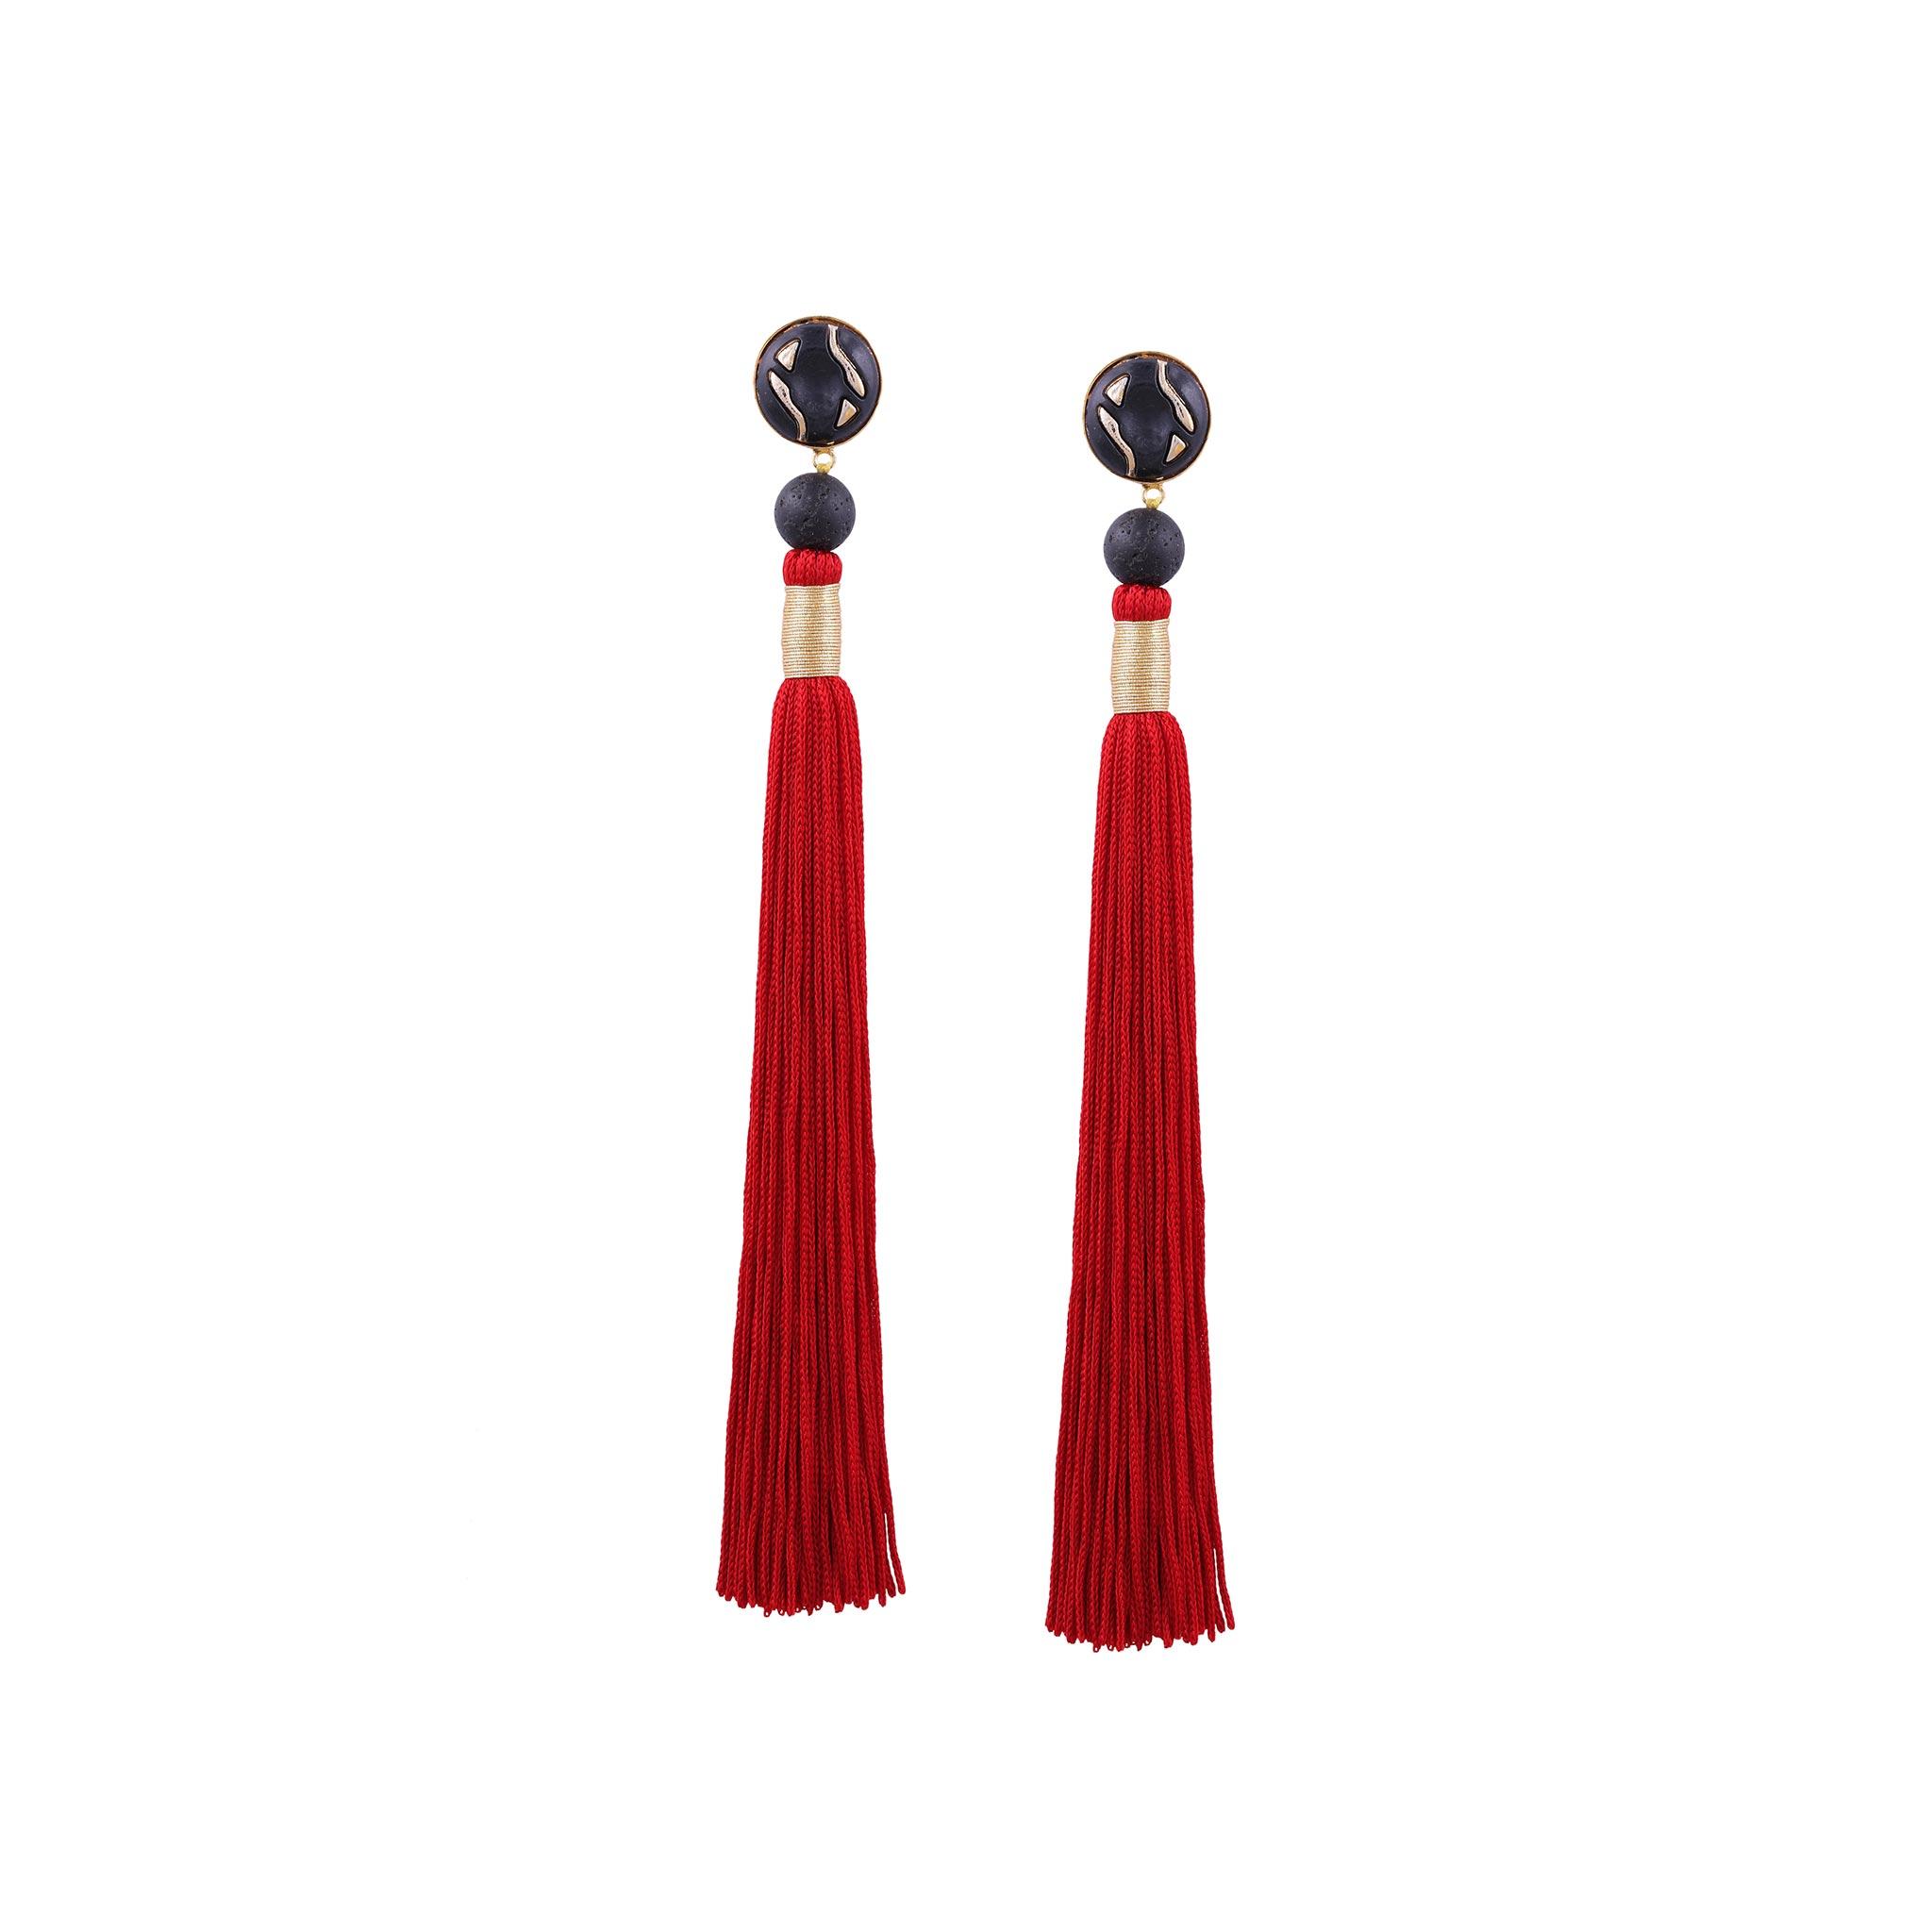 Valliyan Nitya Arora Gold Plated Silk Tassel Earrings Red